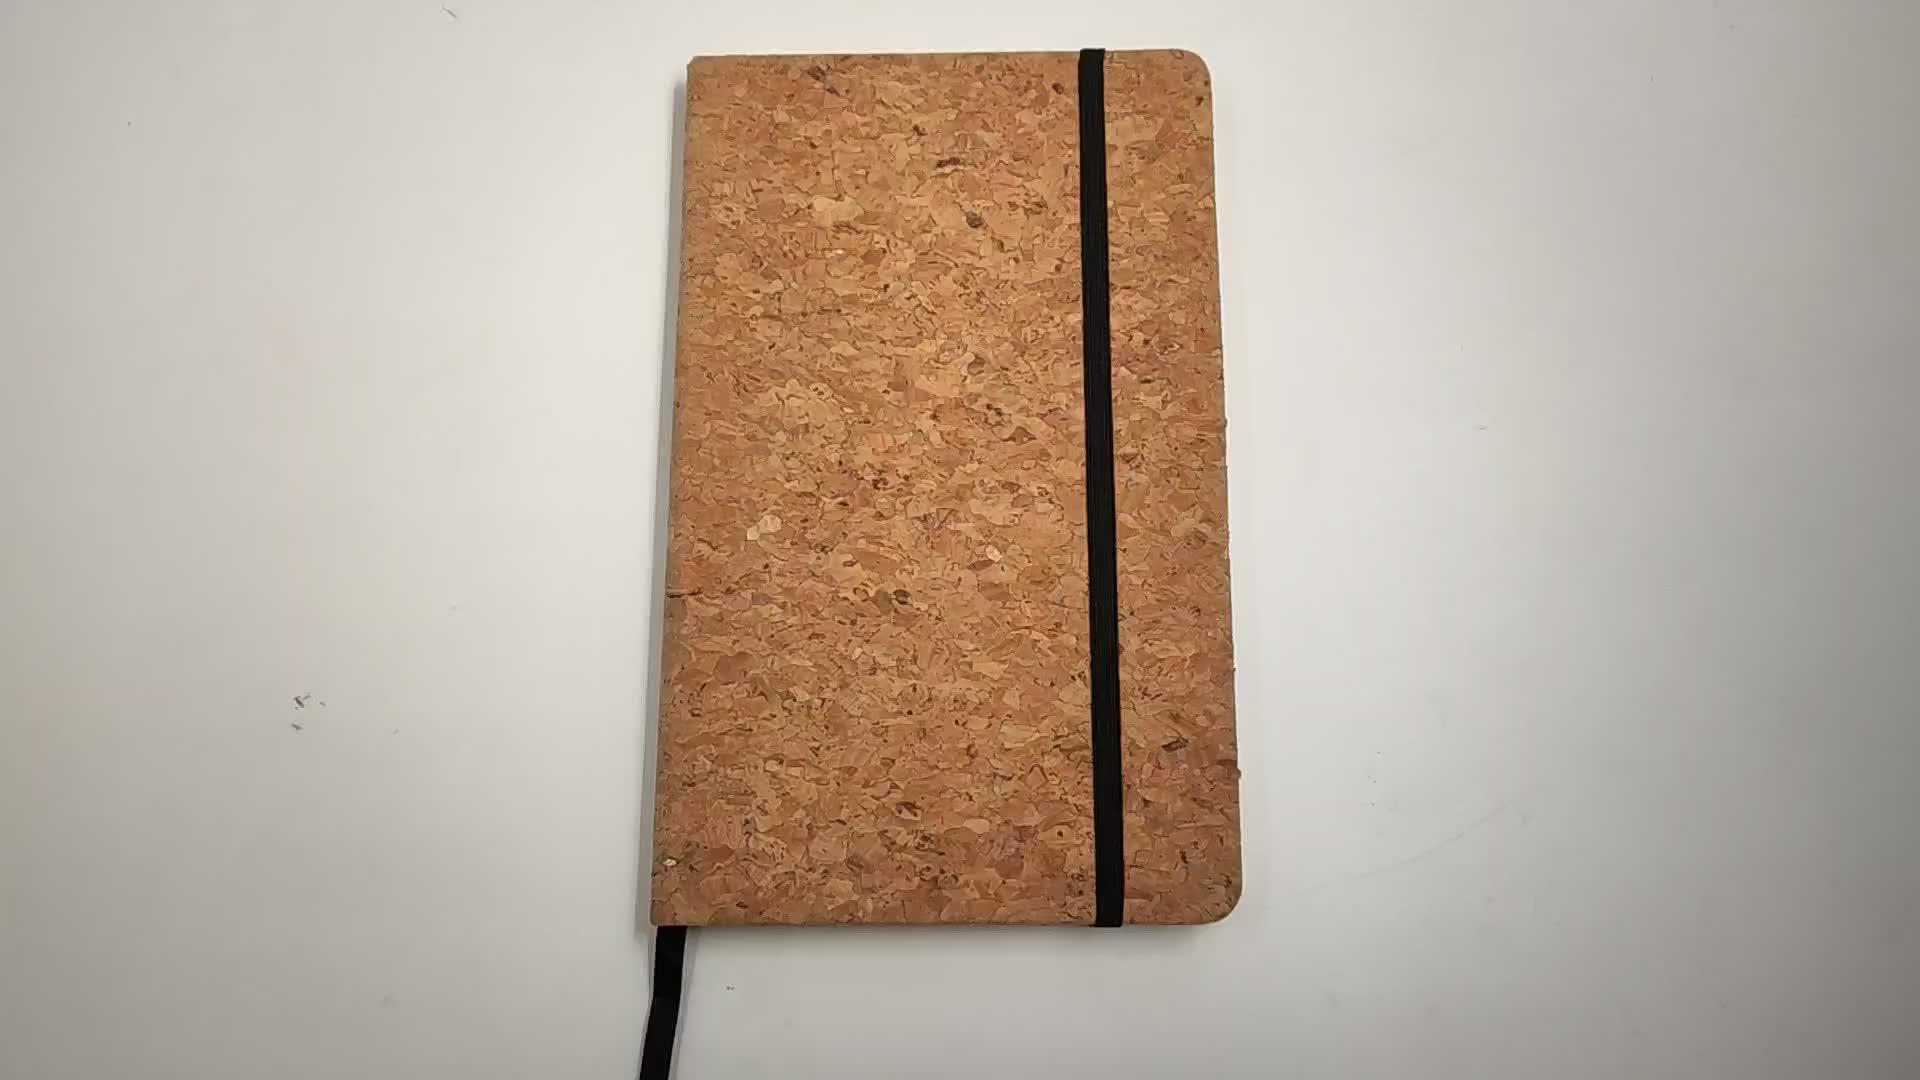 Hochwertiges, umweltfreundliches Korkmaterial A4 / A5 / A6 zum Anpassen des Notebooks mit Gummiband für Schüler